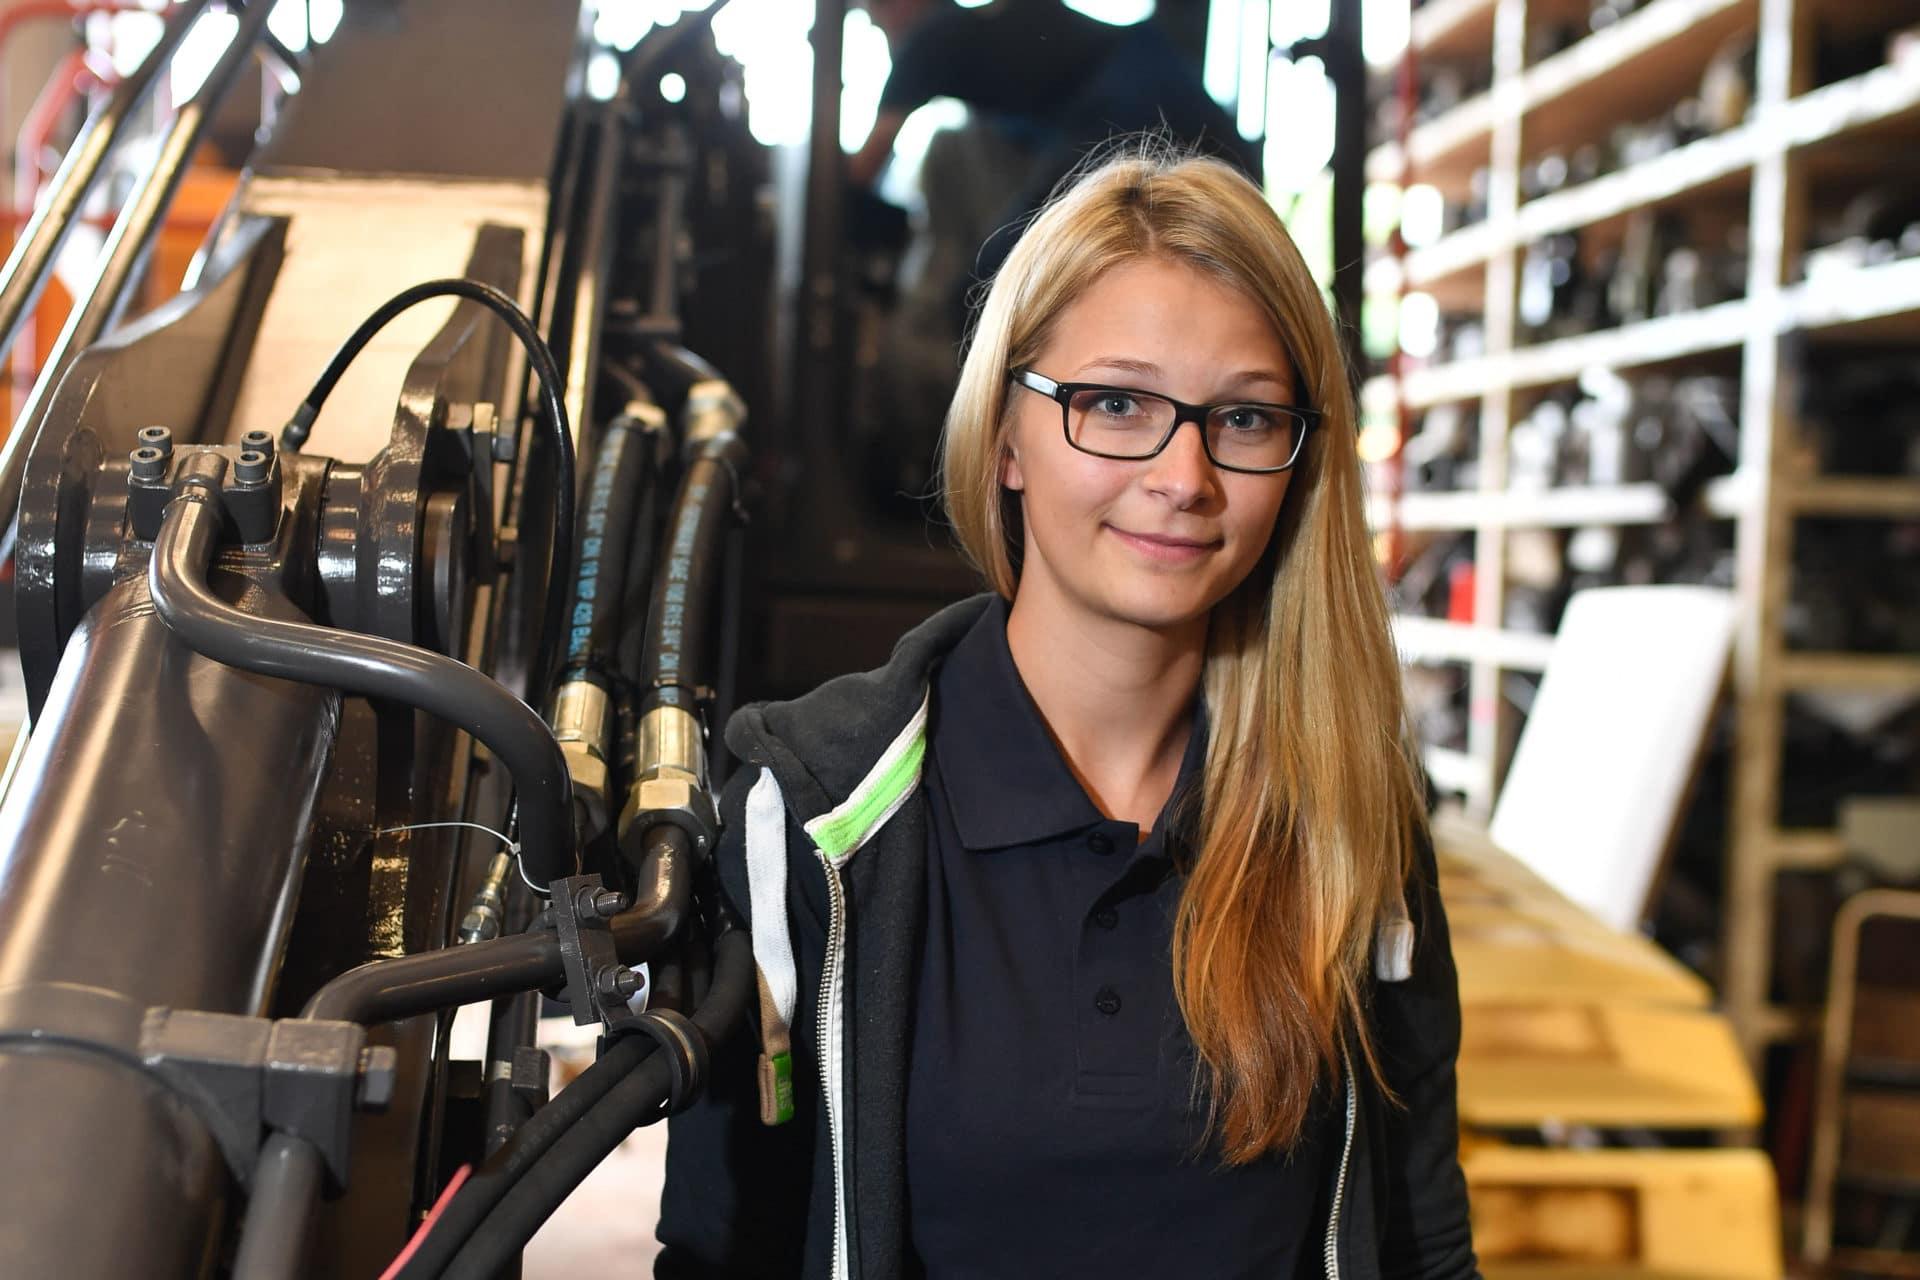 Juniorchefin Karoline Jaster